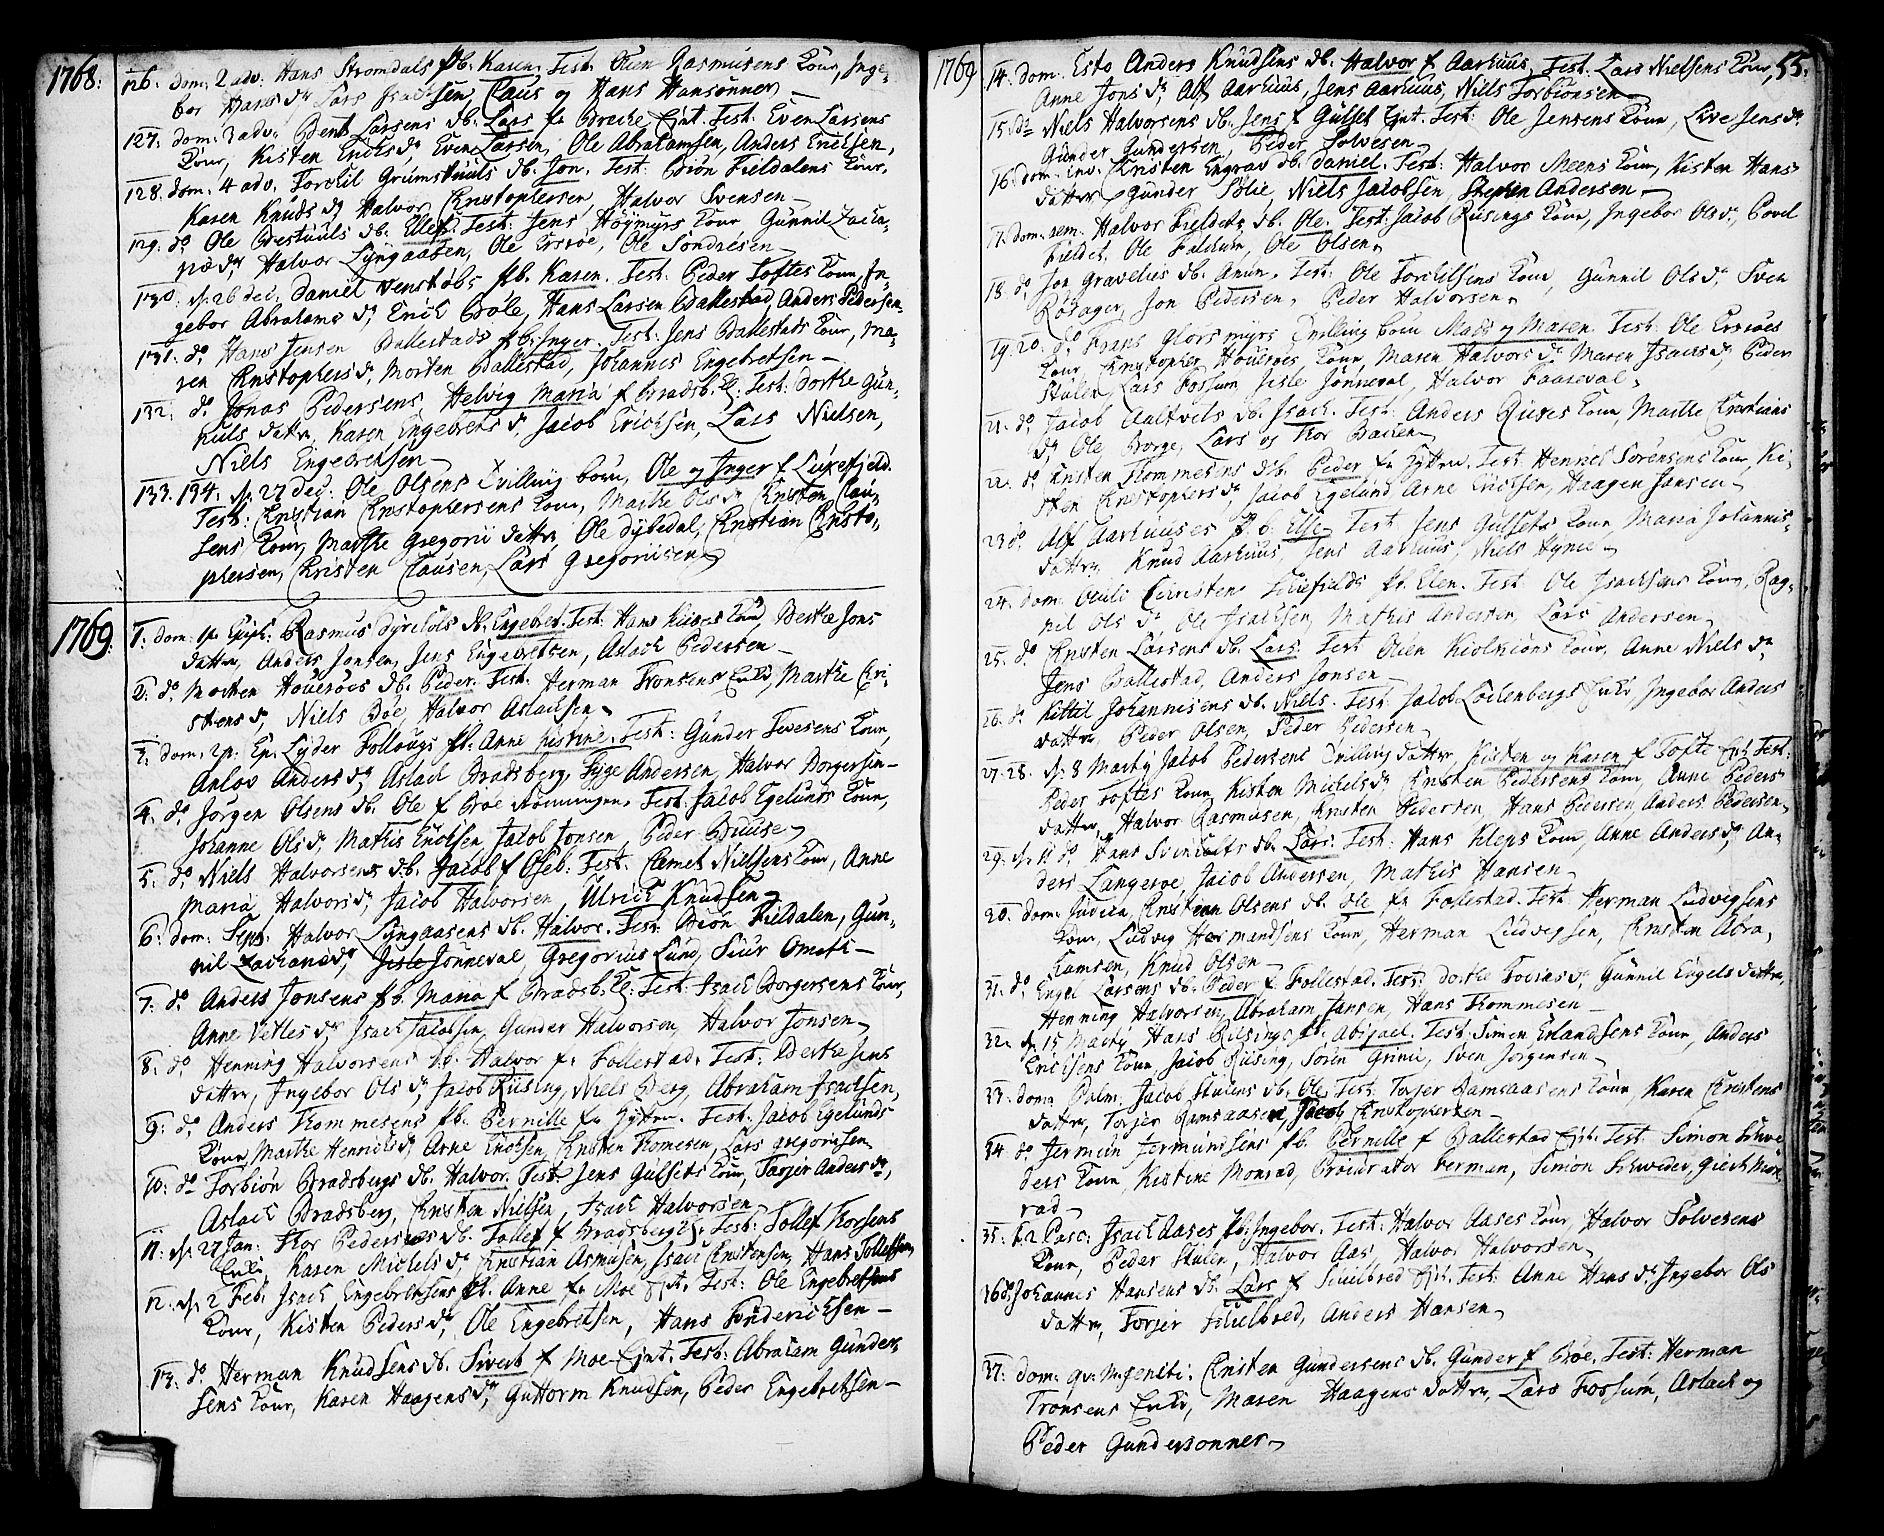 SAKO, Gjerpen kirkebøker, F/Fa/L0002: Ministerialbok nr. 2, 1747-1795, s. 55